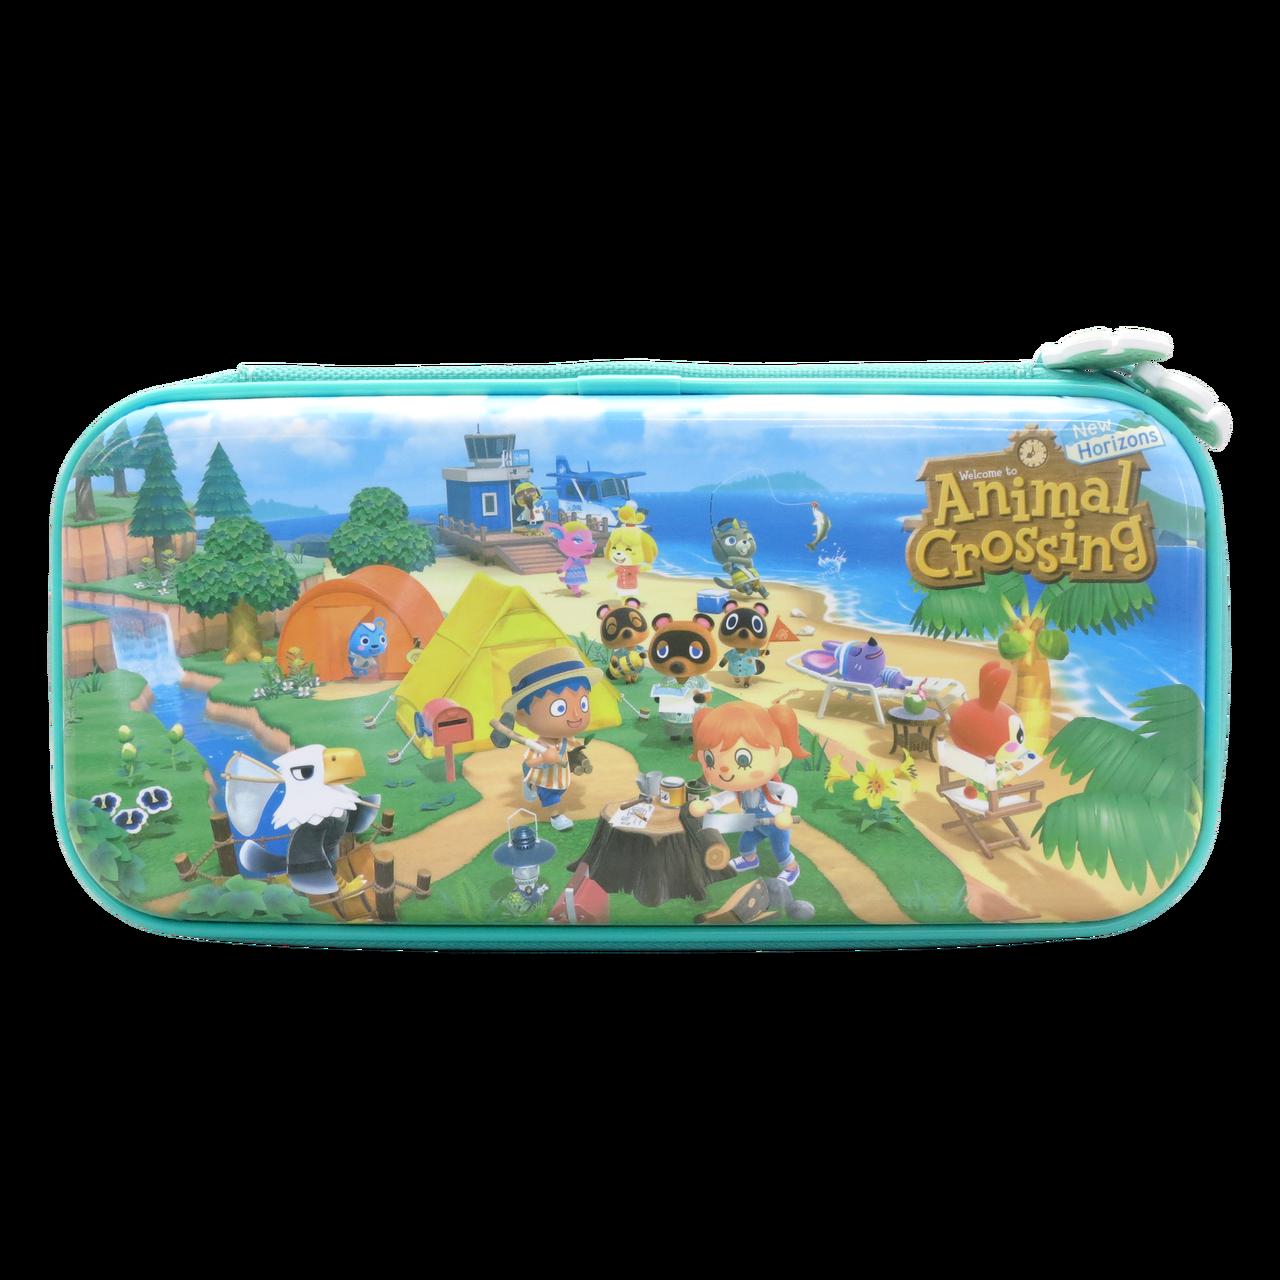 HORI's Animal Crossing: New Horizons Switch Lite Duraflexi